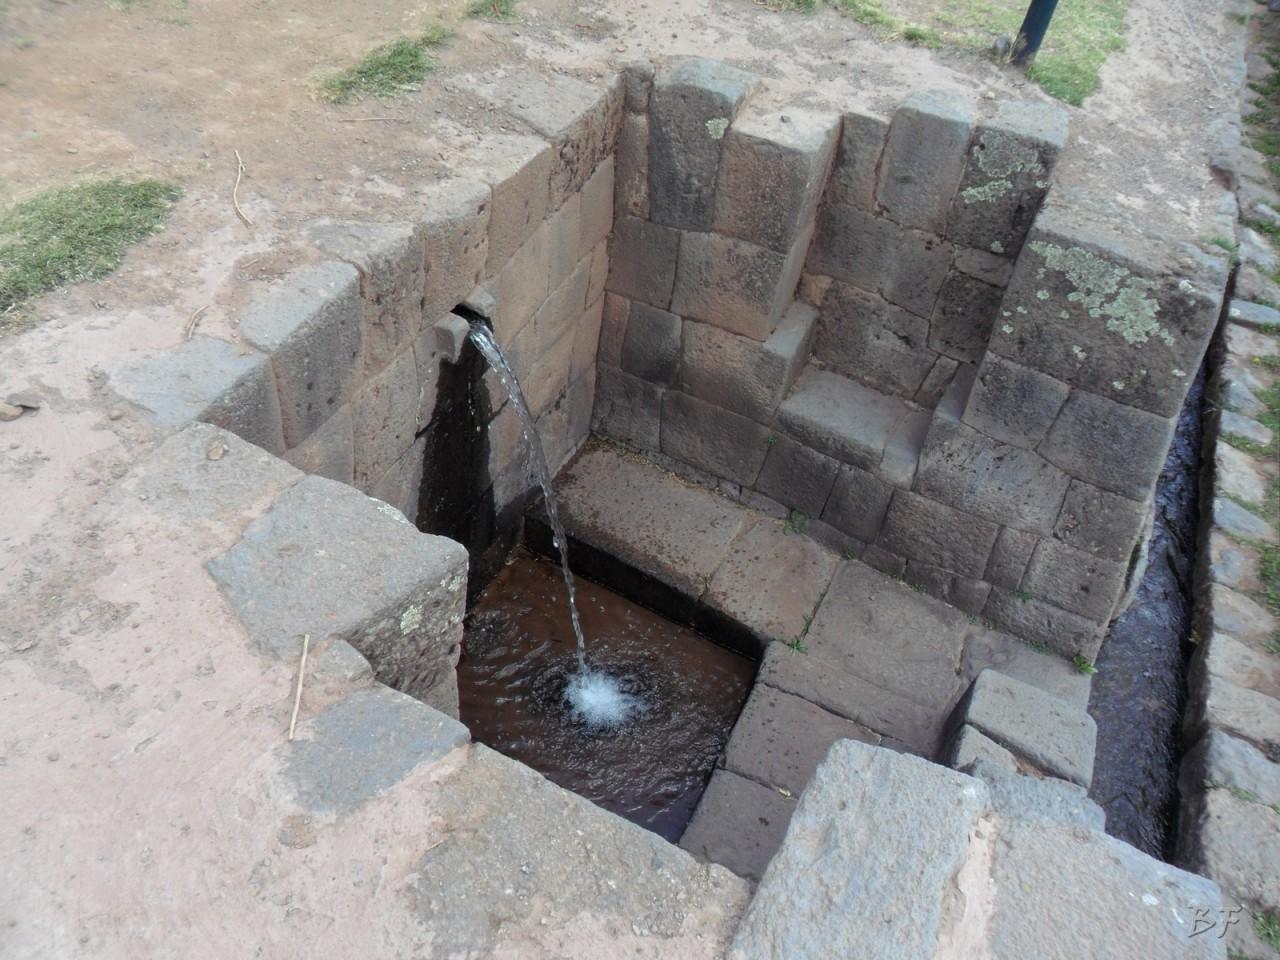 Mura-Poligonali-Megaliti-Tipon-Oropesa-Cusco-Perù-1